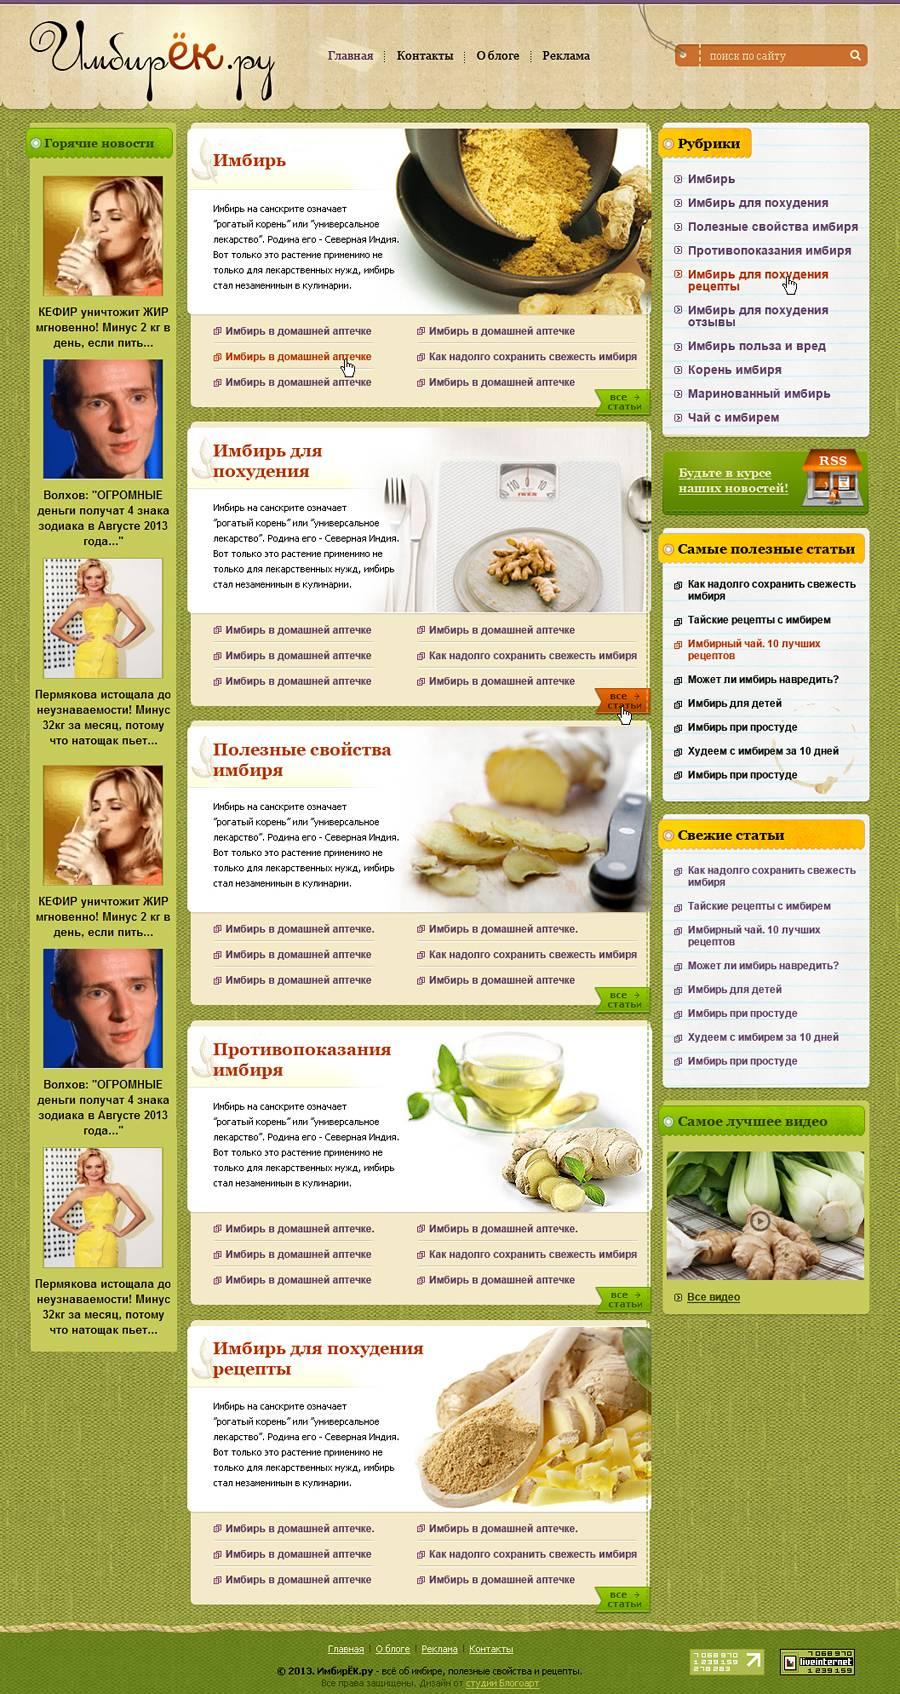 Имбирь для похудения: отзывы, обзор рецептов и самых действующих способов